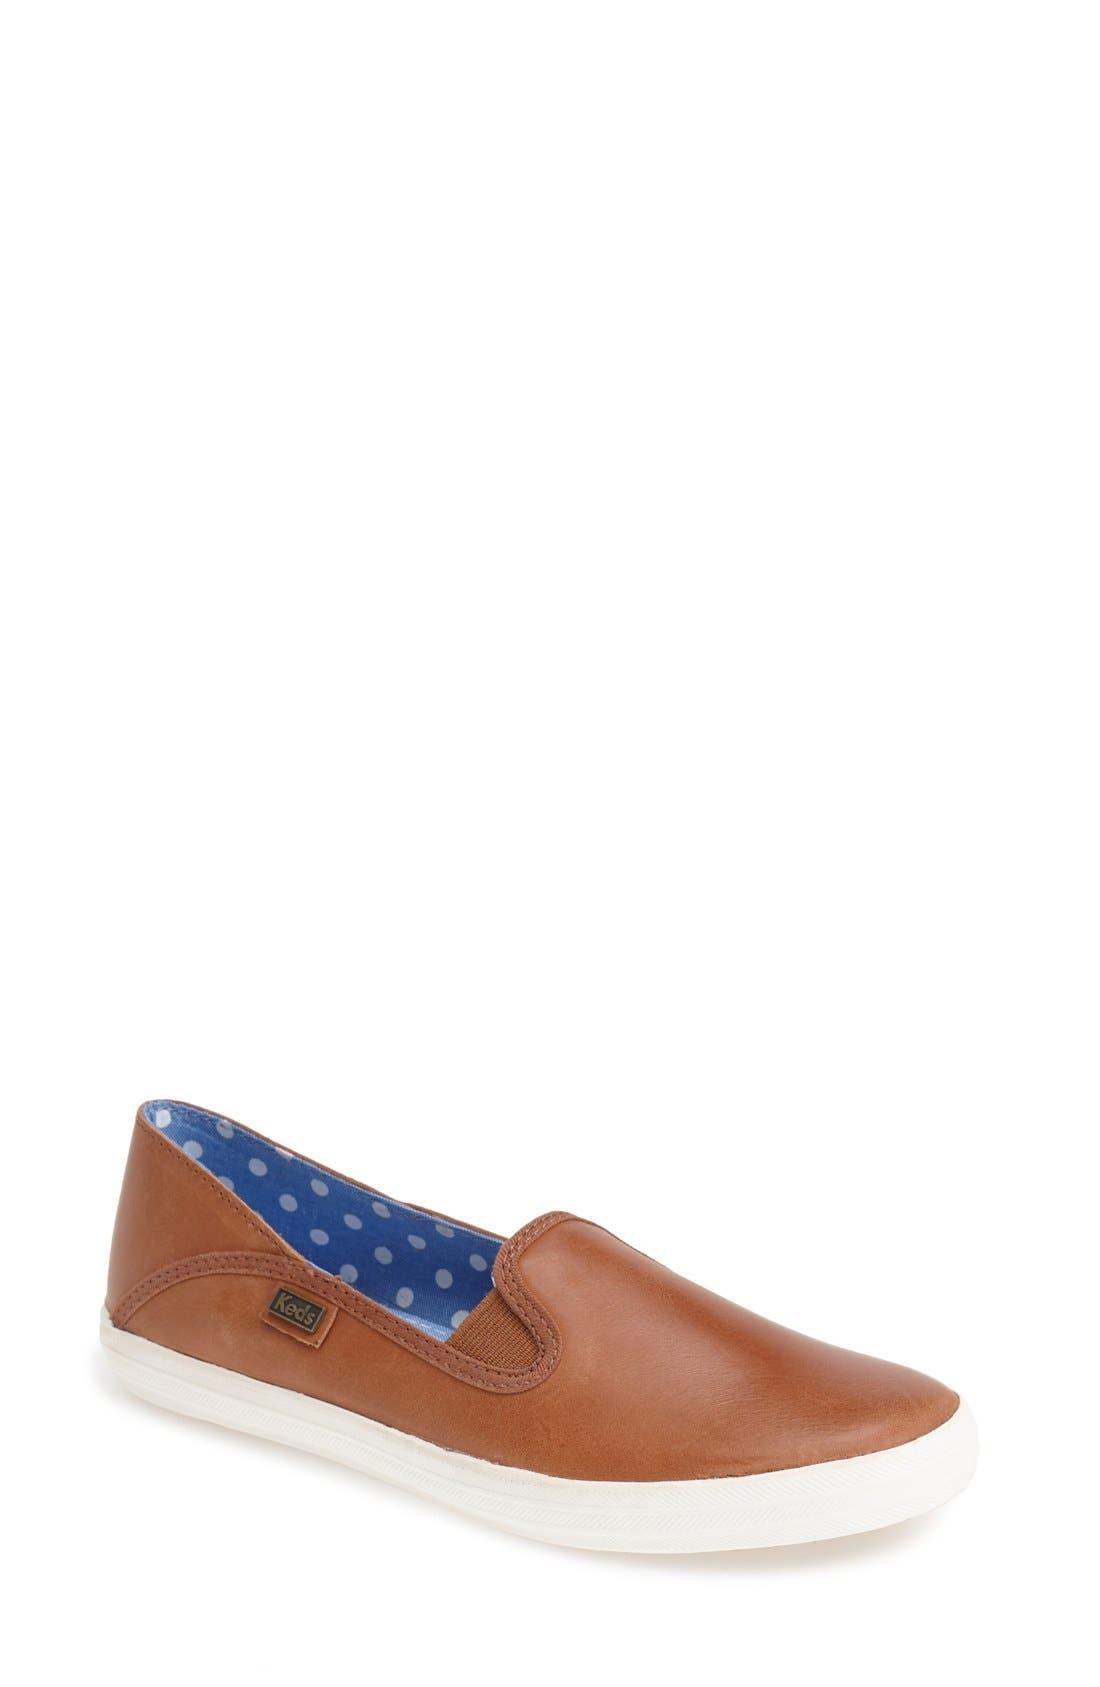 Keds® 'Crashback' Leather Slip-On (Women)